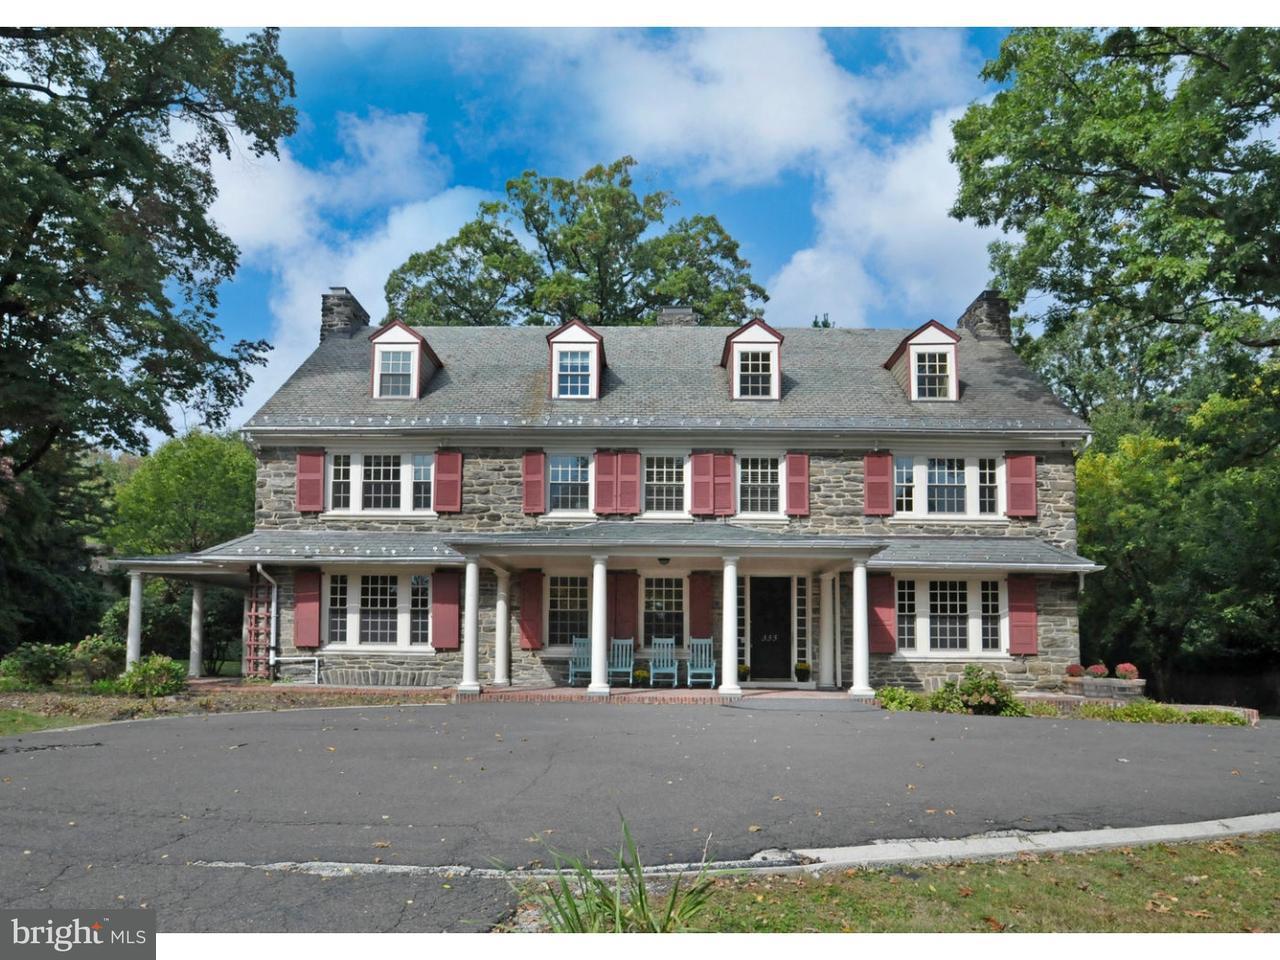 独户住宅 为 销售 在 333 BENT Road 温科特, 宾夕法尼亚州 19095 美国